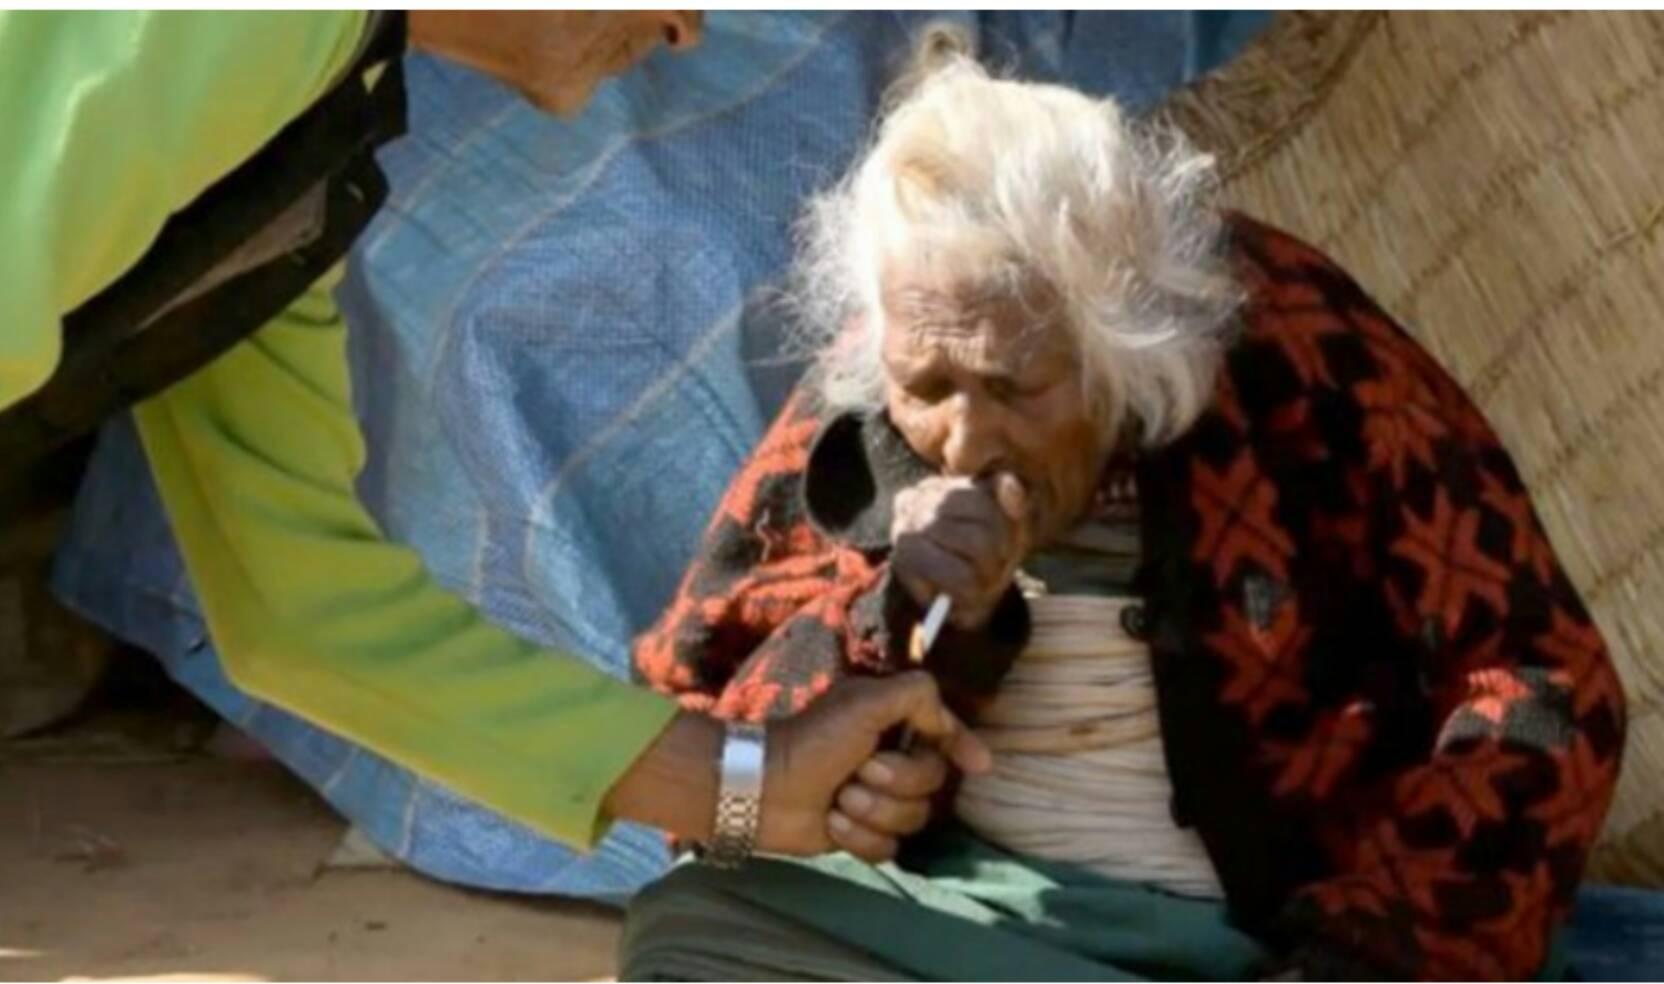 【これホント?】1日30本を95年間吸い続けた112歳女性の長生きの秘訣